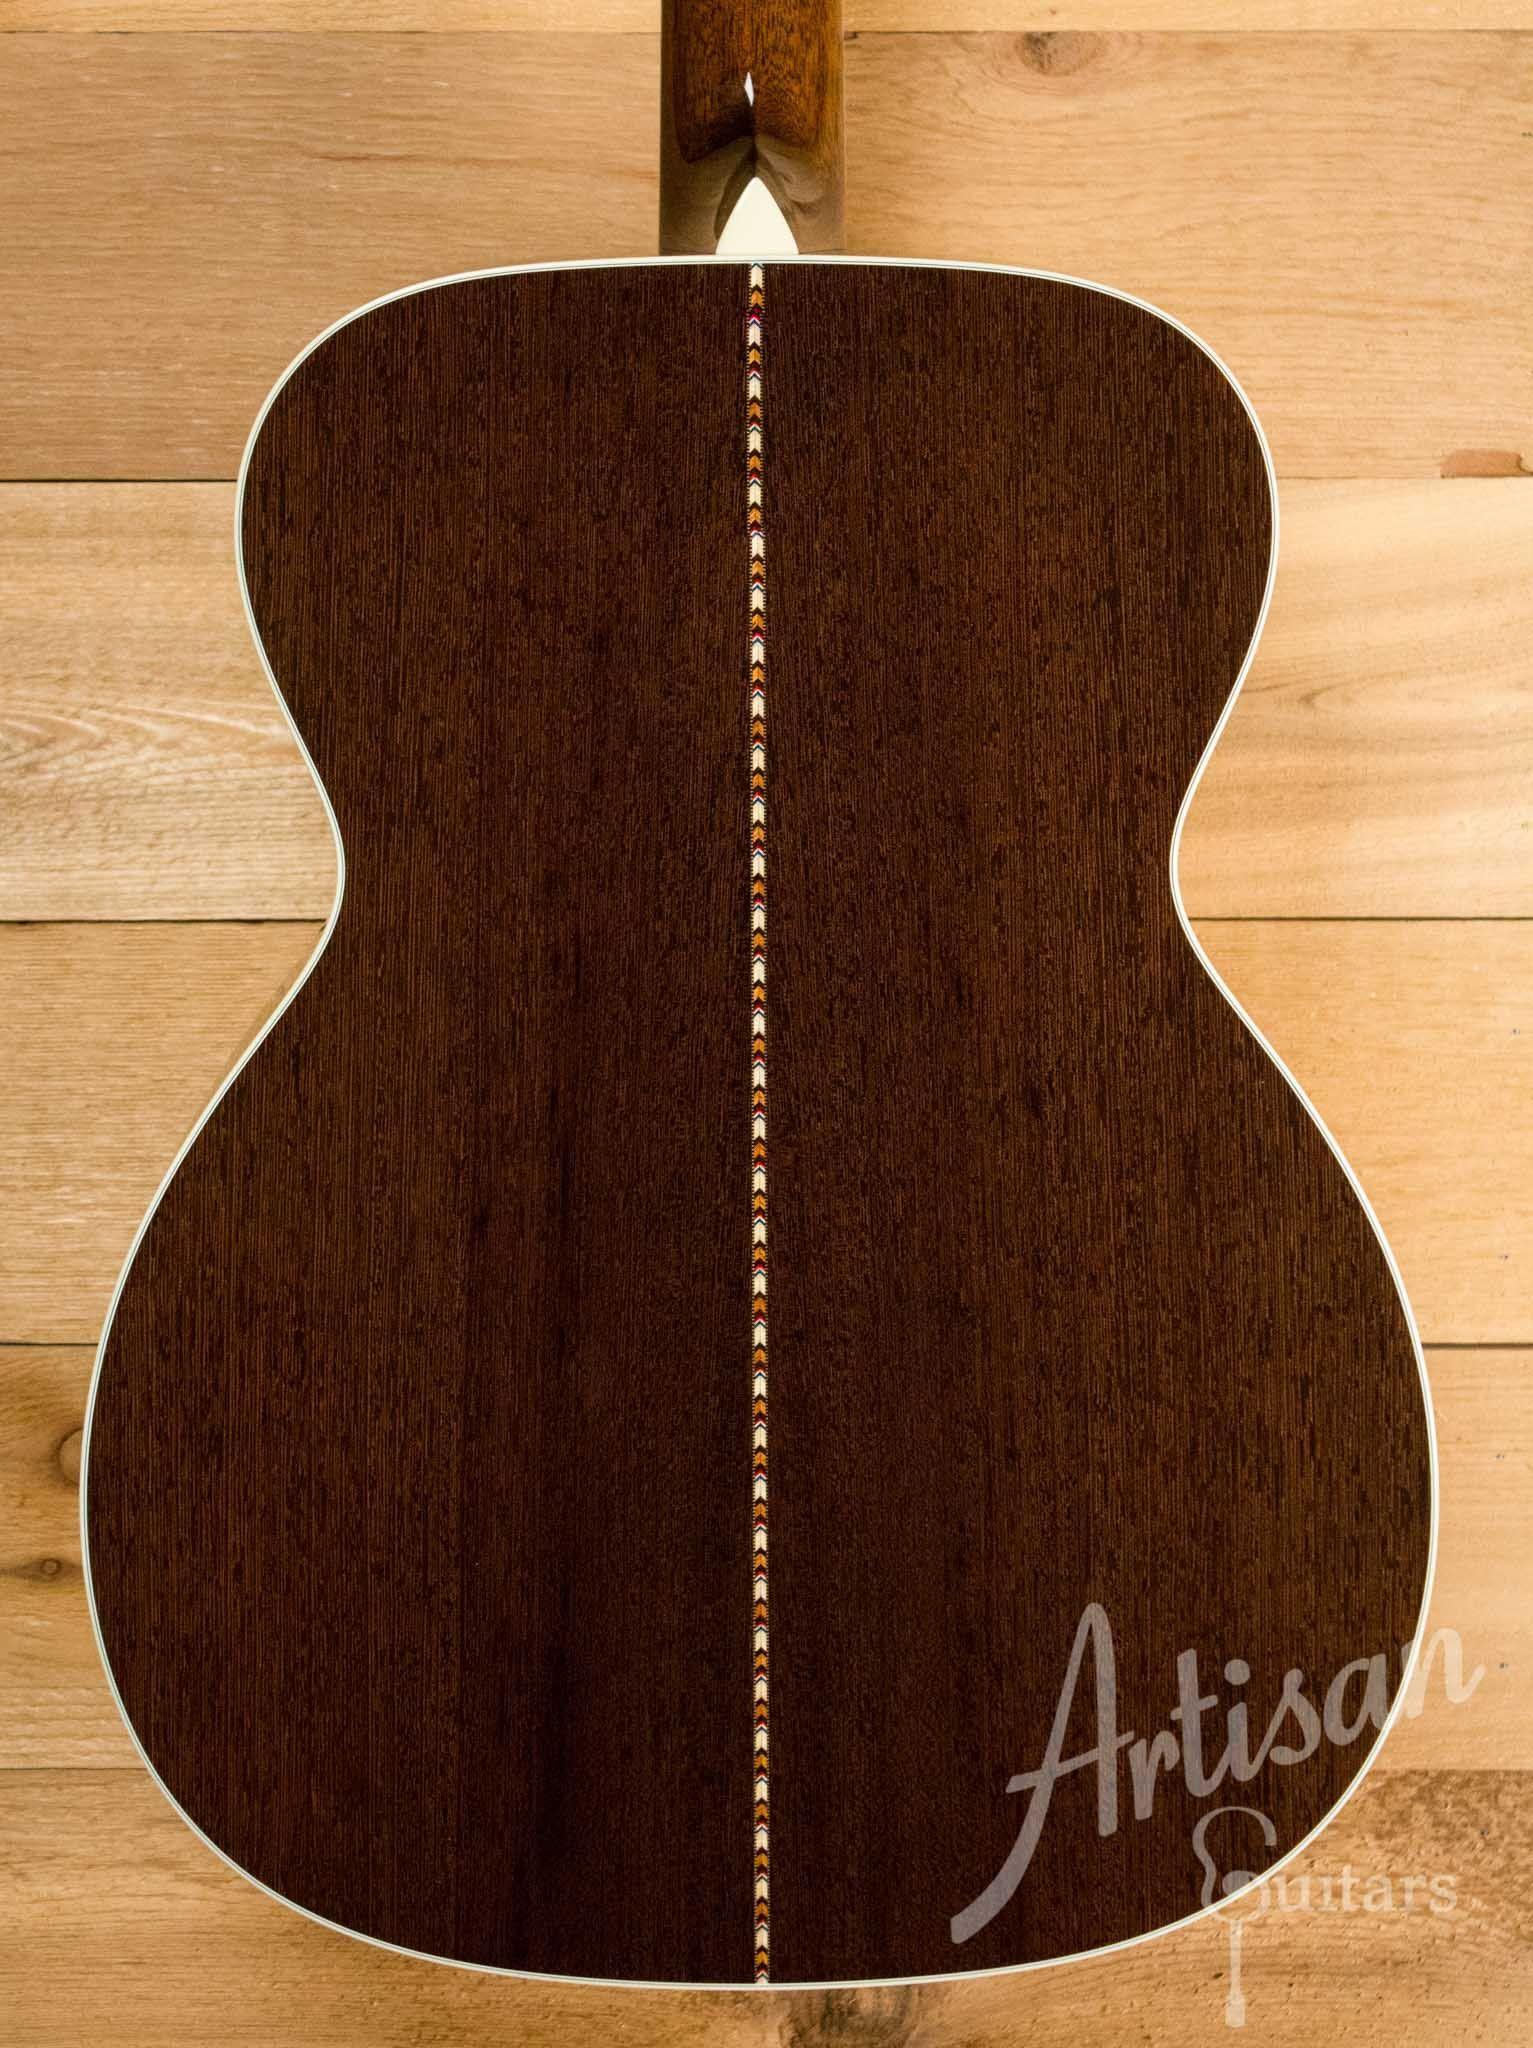 Collings Om3ha Guitar Adirondack Spruce And Wenge With Herringbone Pre Owned 2014 Id 10563 Adirondack Herringbone Spruce